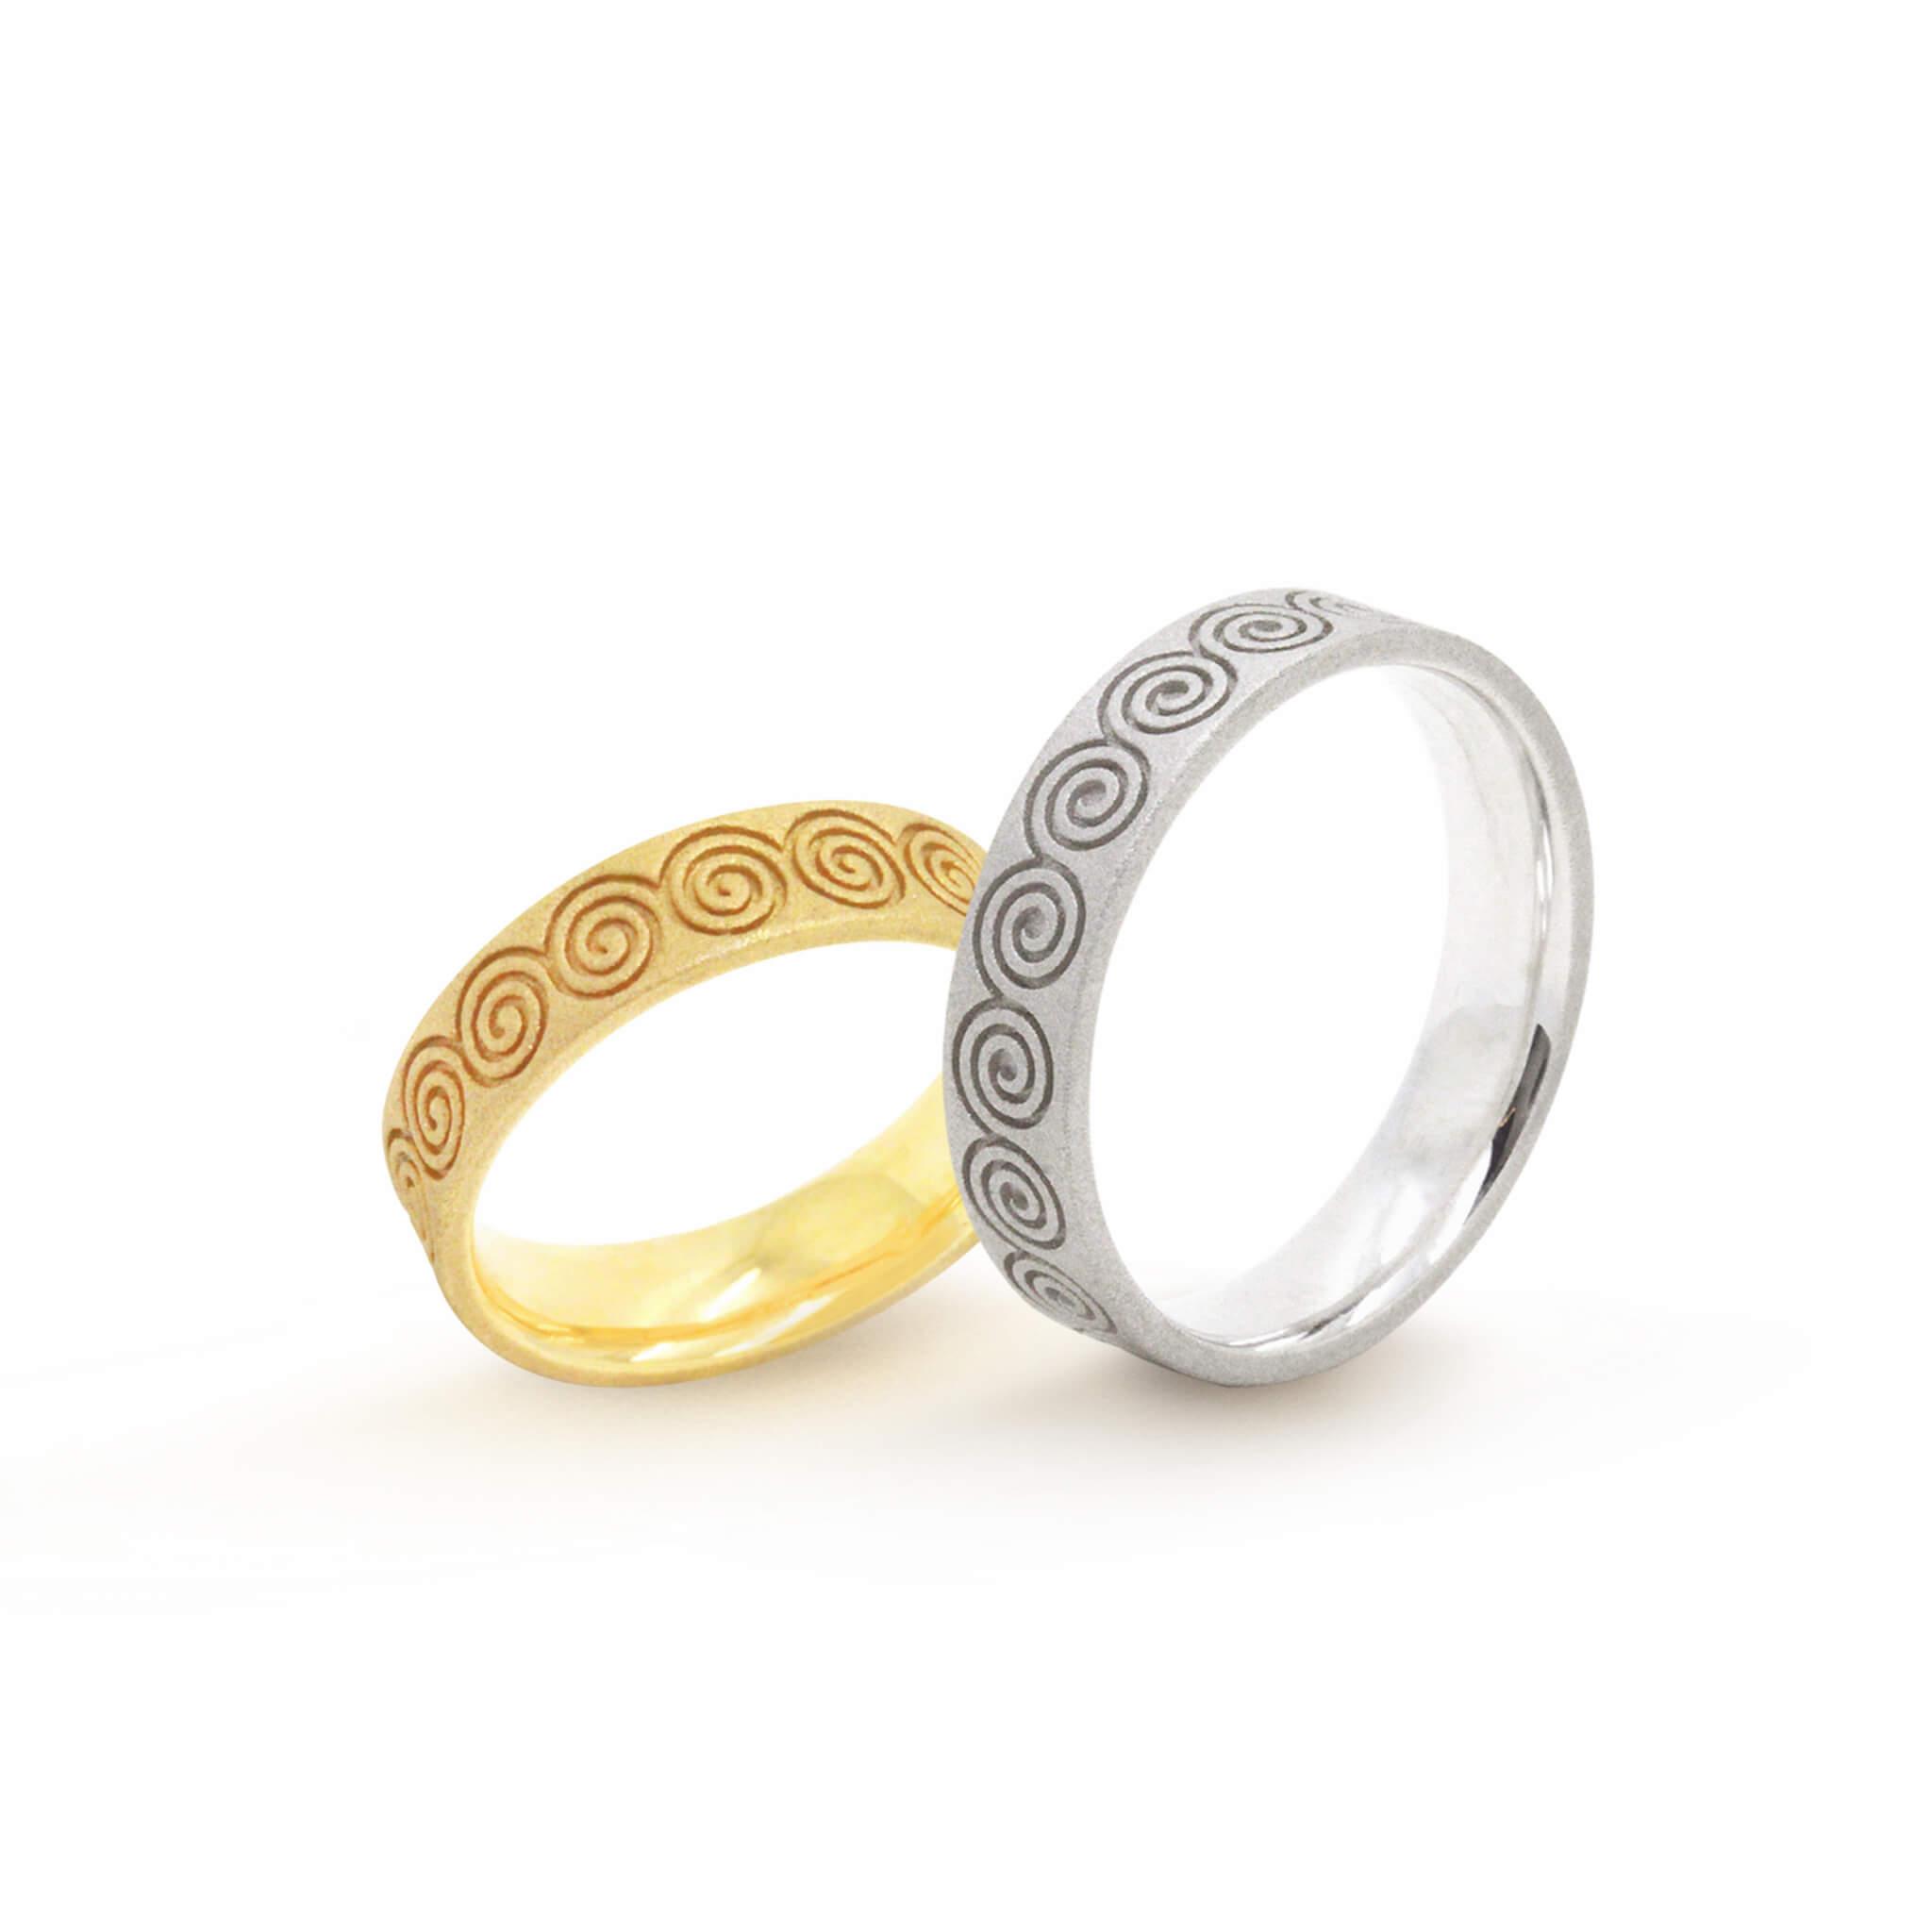 Spirale alliance or jaune or blanc